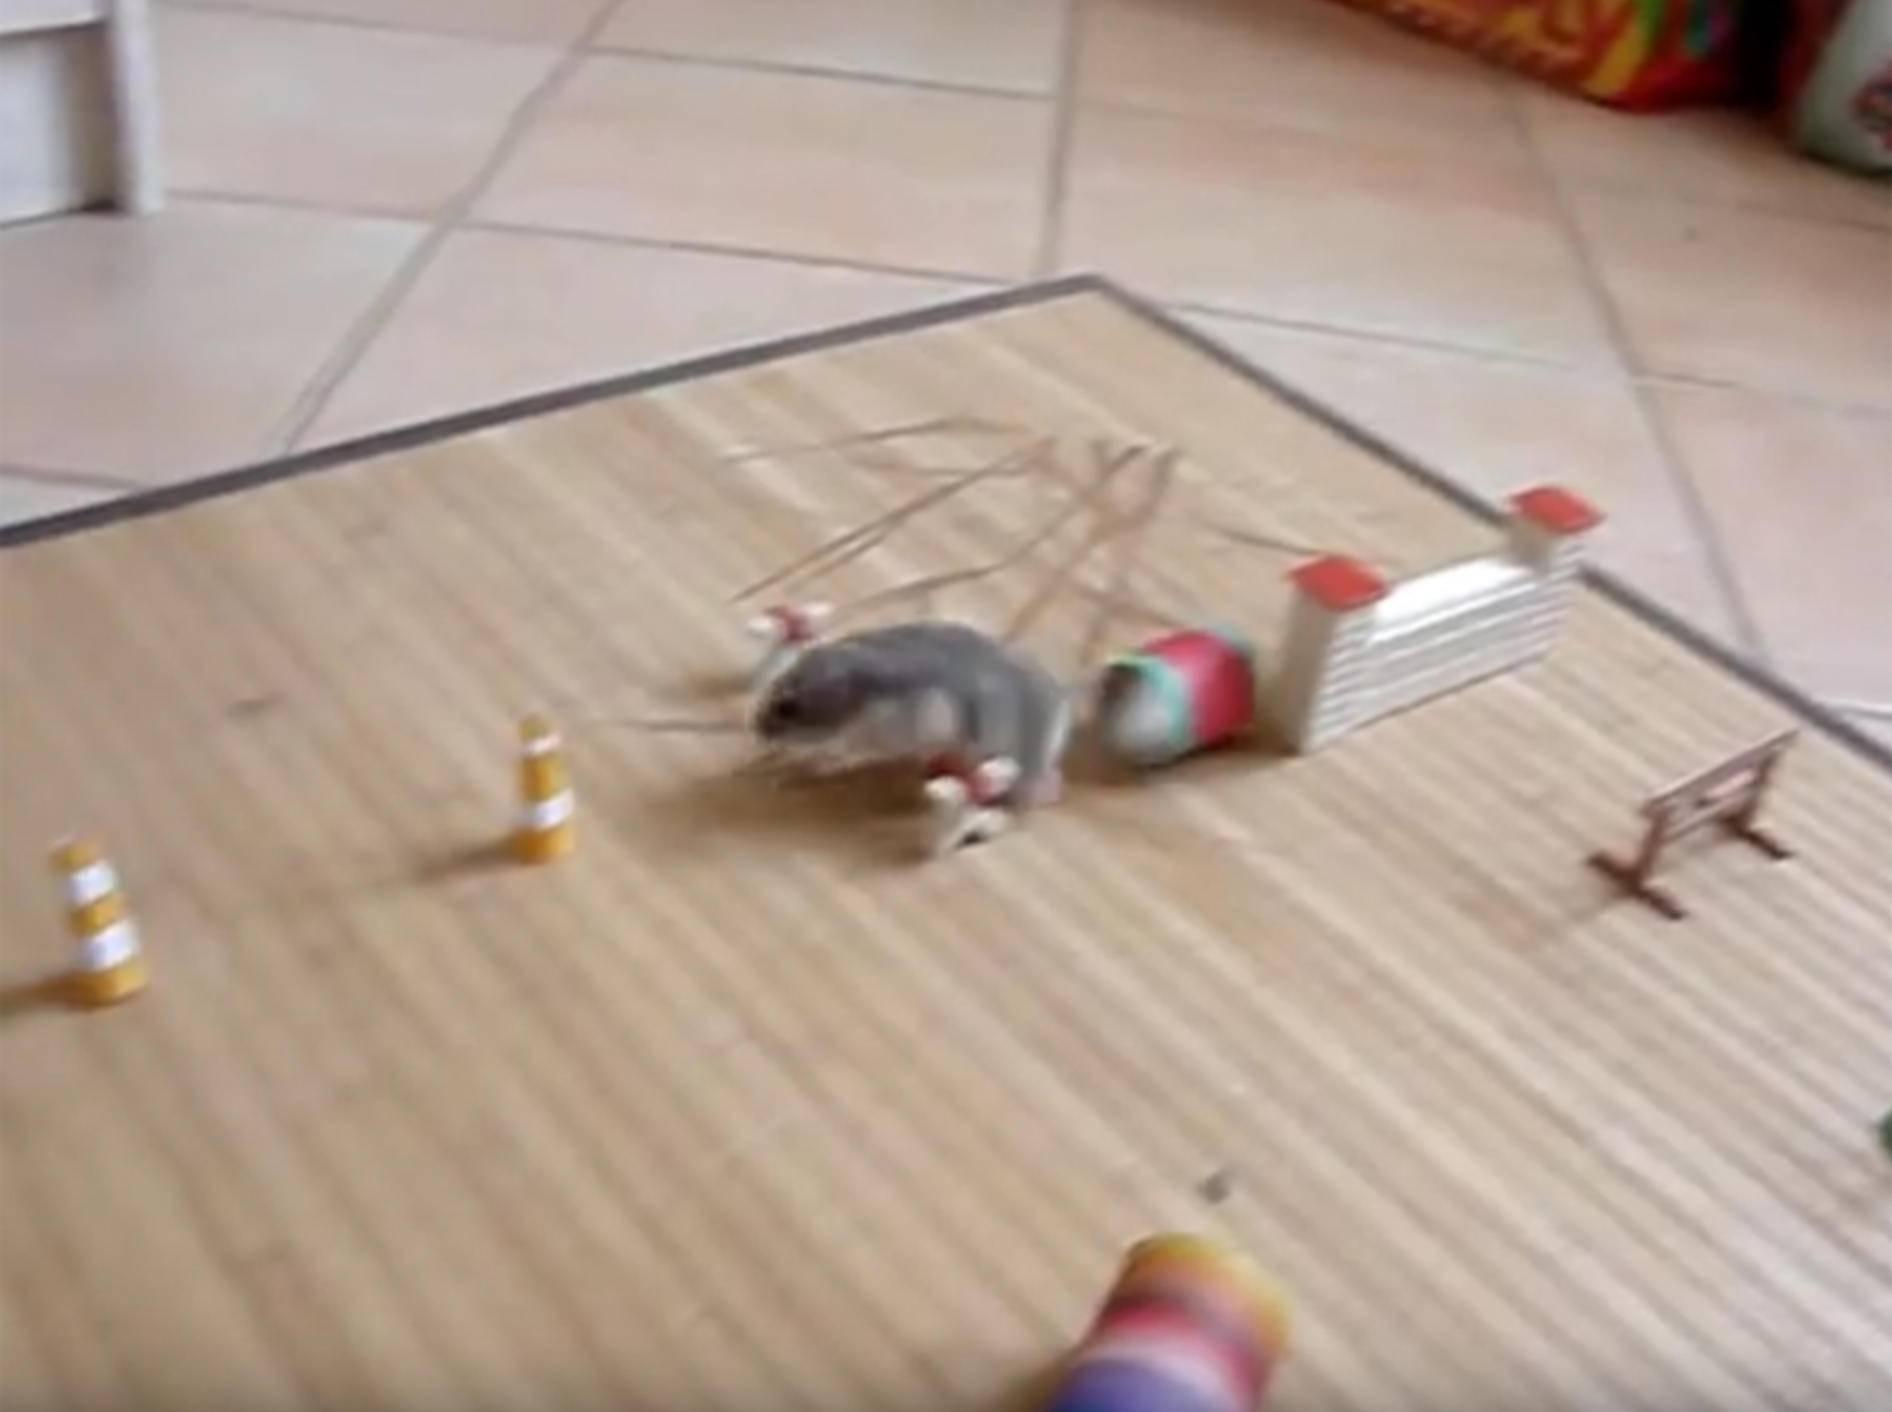 Sportliches Pausbäckchen: Agility-Parkour für Hamster – YouTube / Vidochon